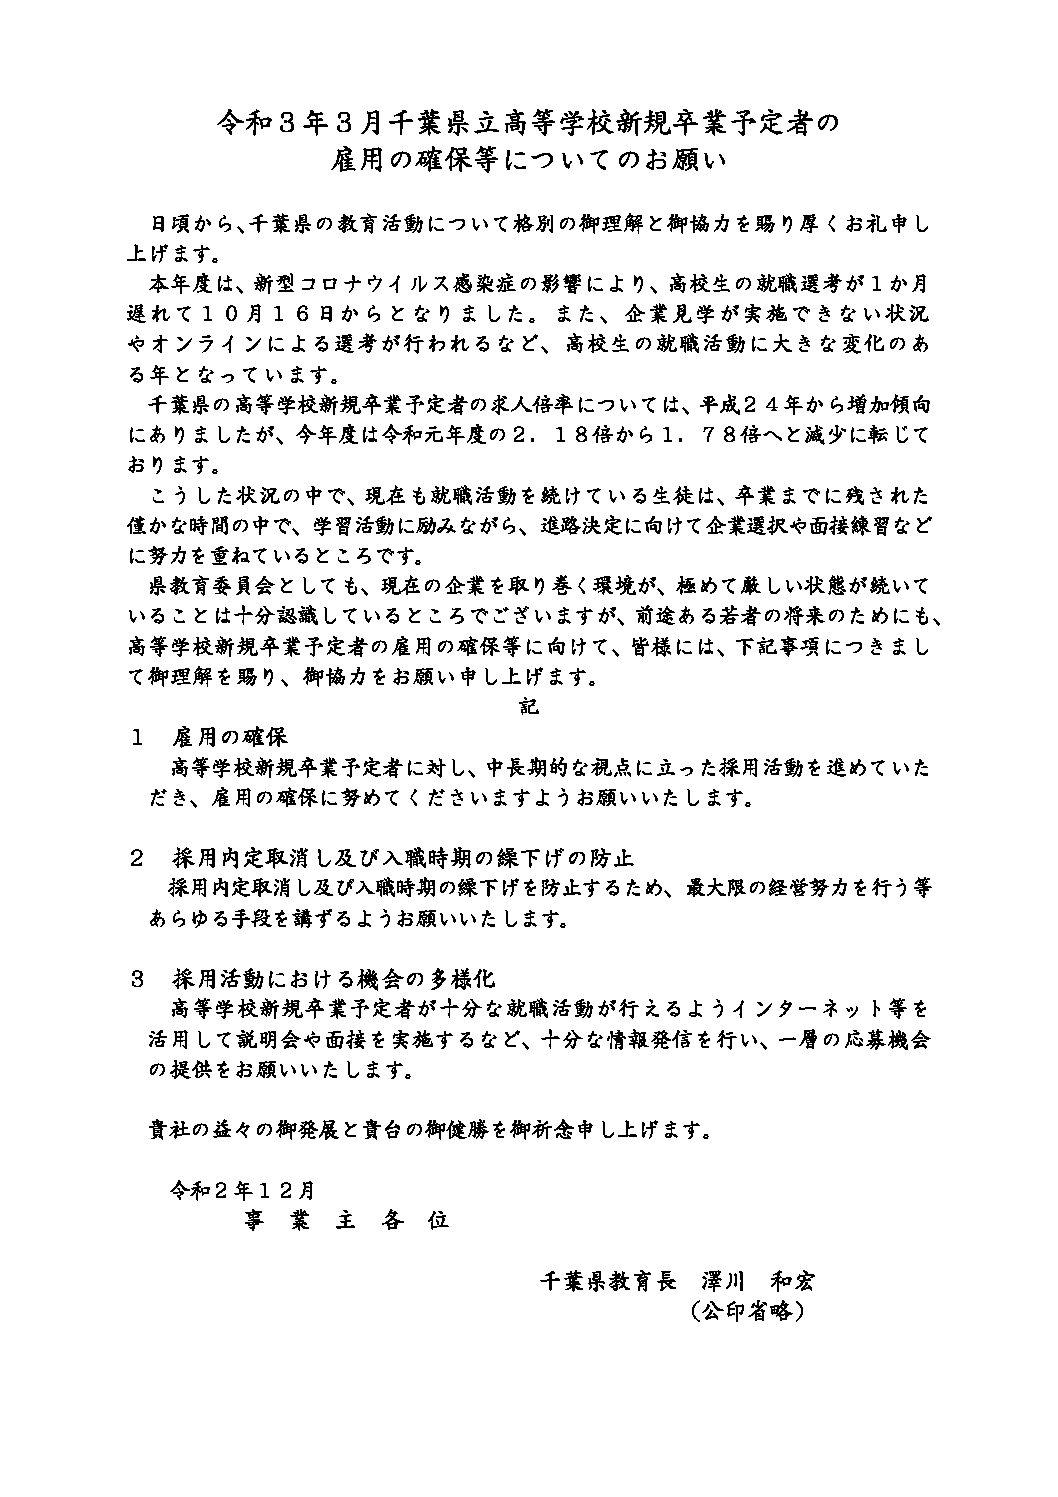 令和3年3月千葉県立高等学校新規卒業予定者の雇用の確保等についてのお願い